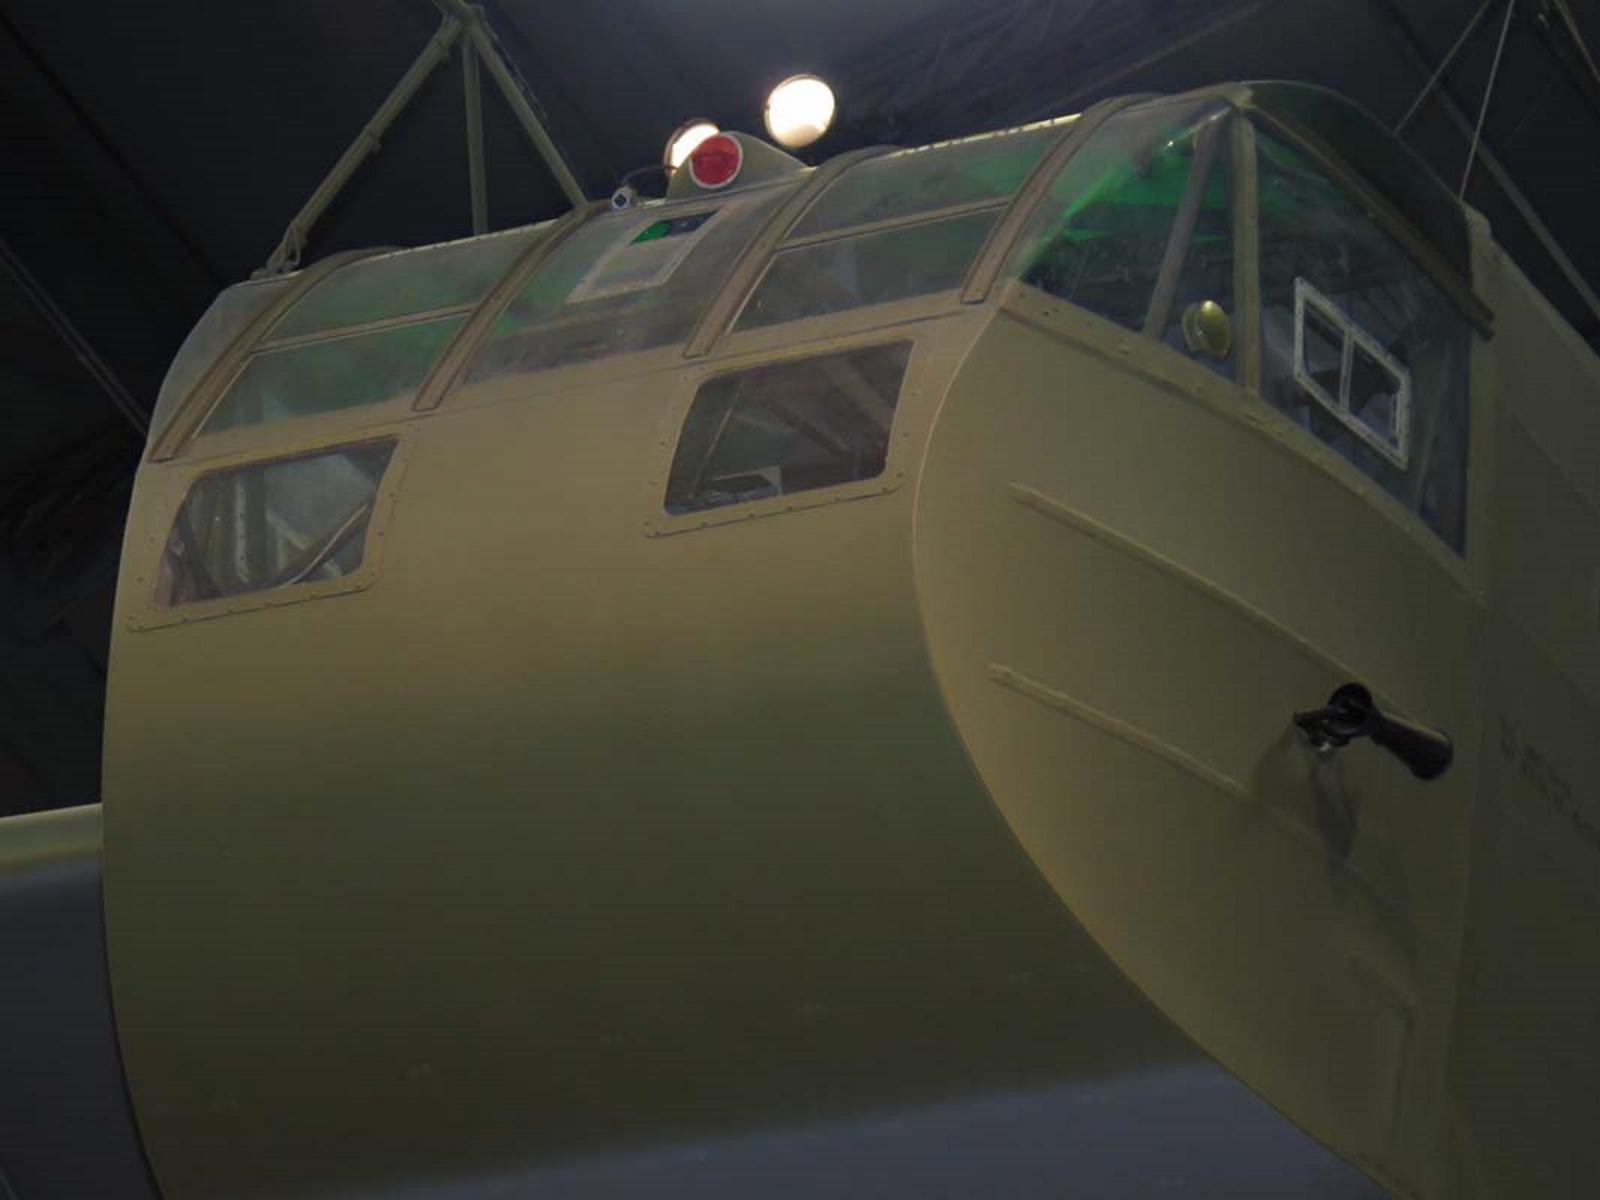 WACO CG-4A Haig